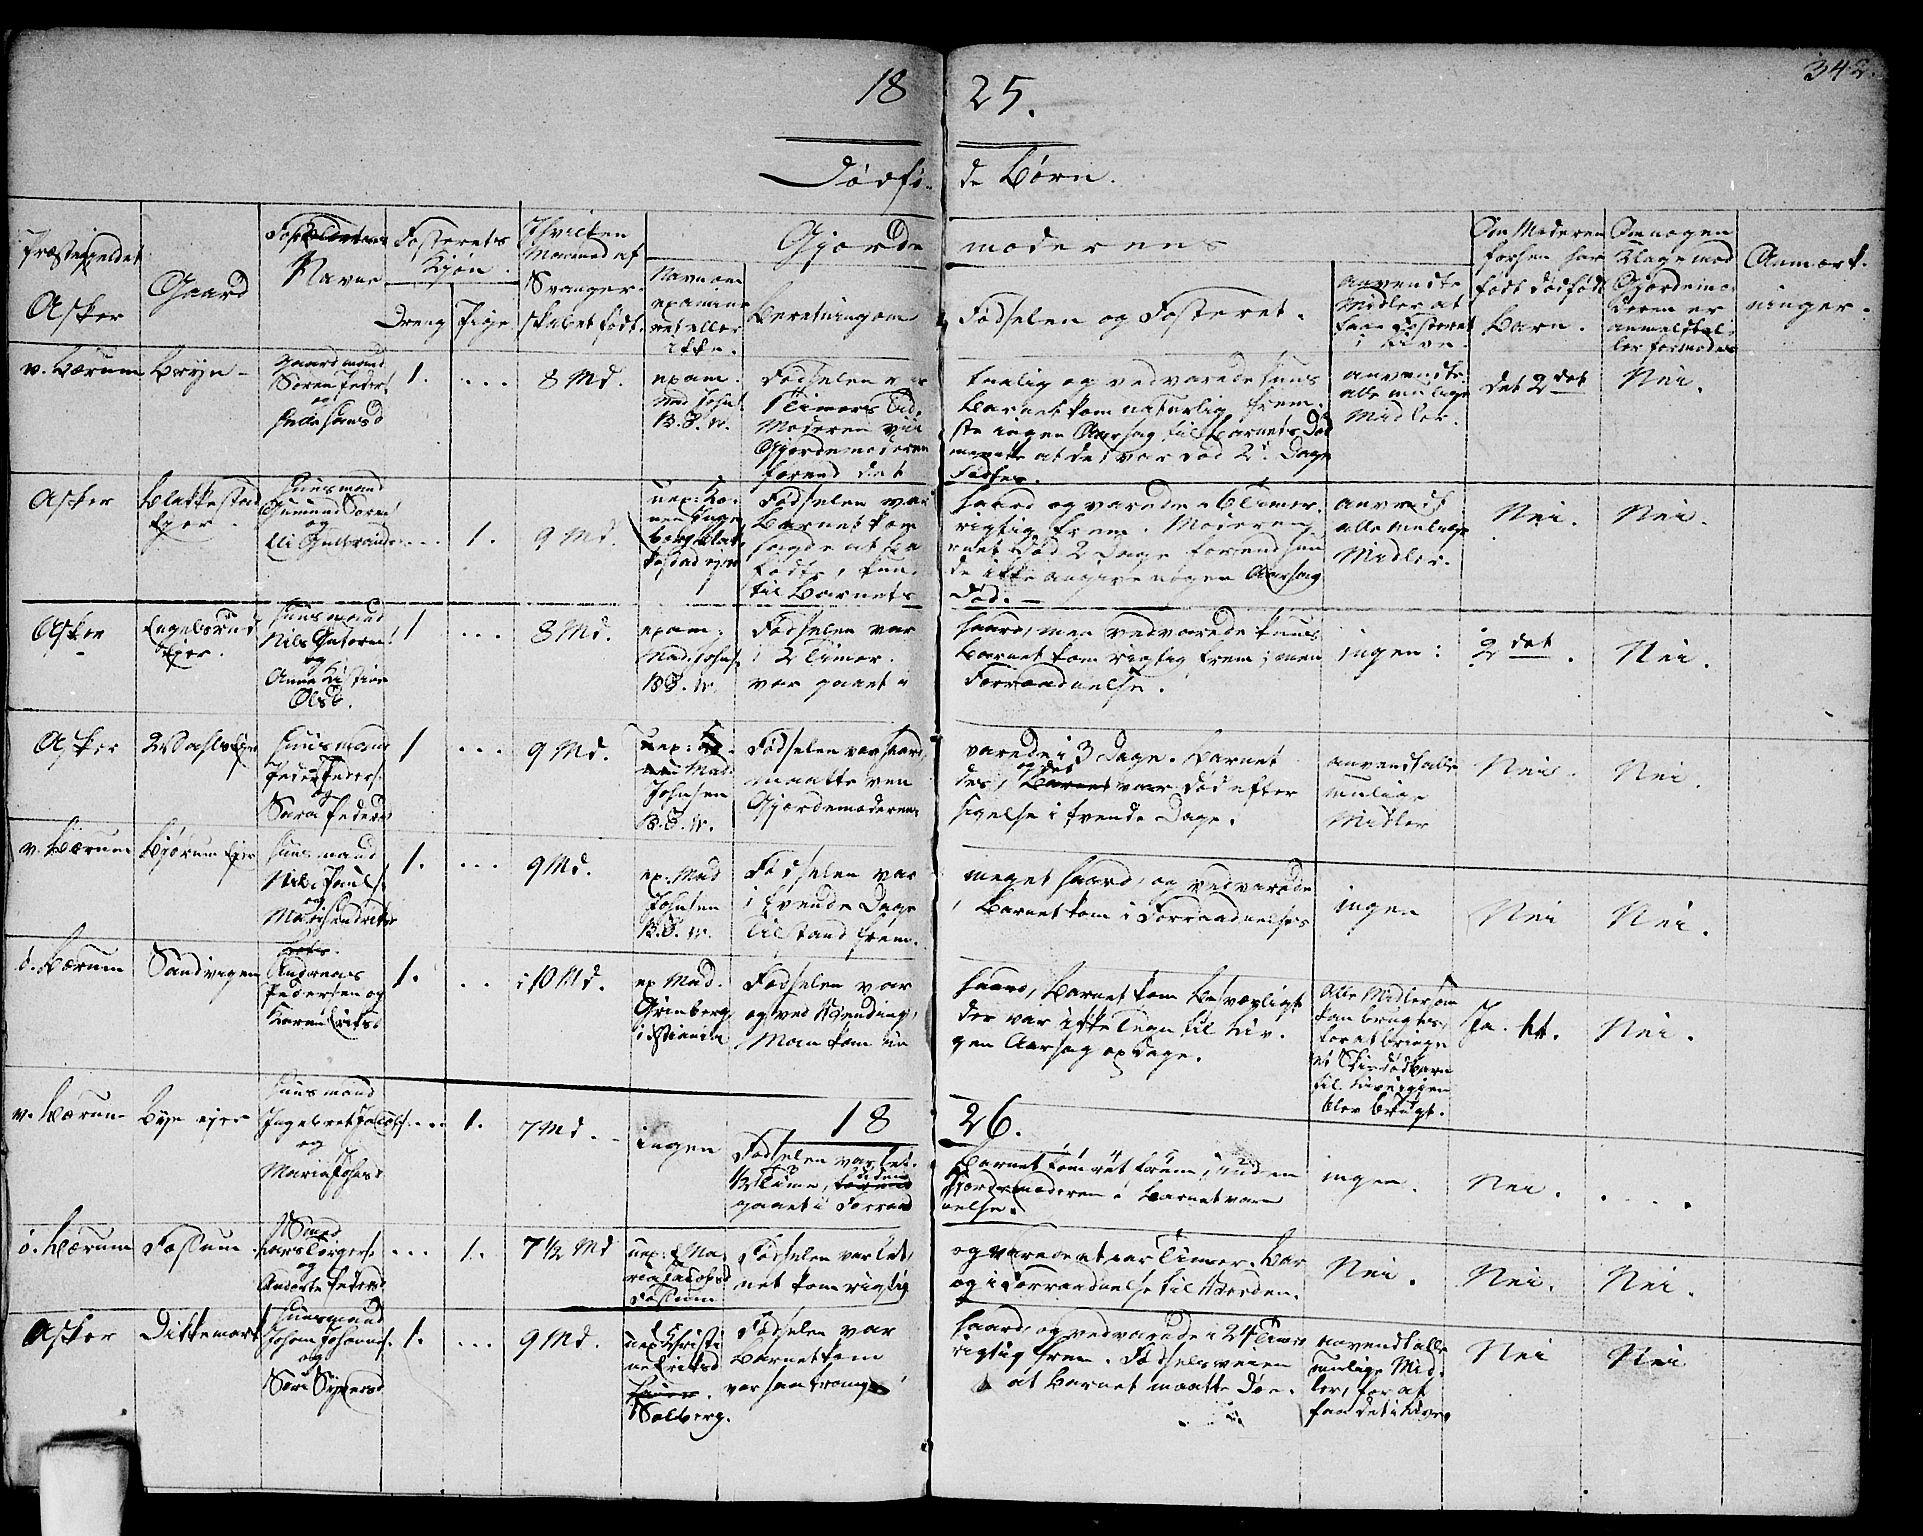 SAO, Asker prestekontor Kirkebøker, F/Fa/L0005: Ministerialbok nr. I 5, 1807-1813, s. 342